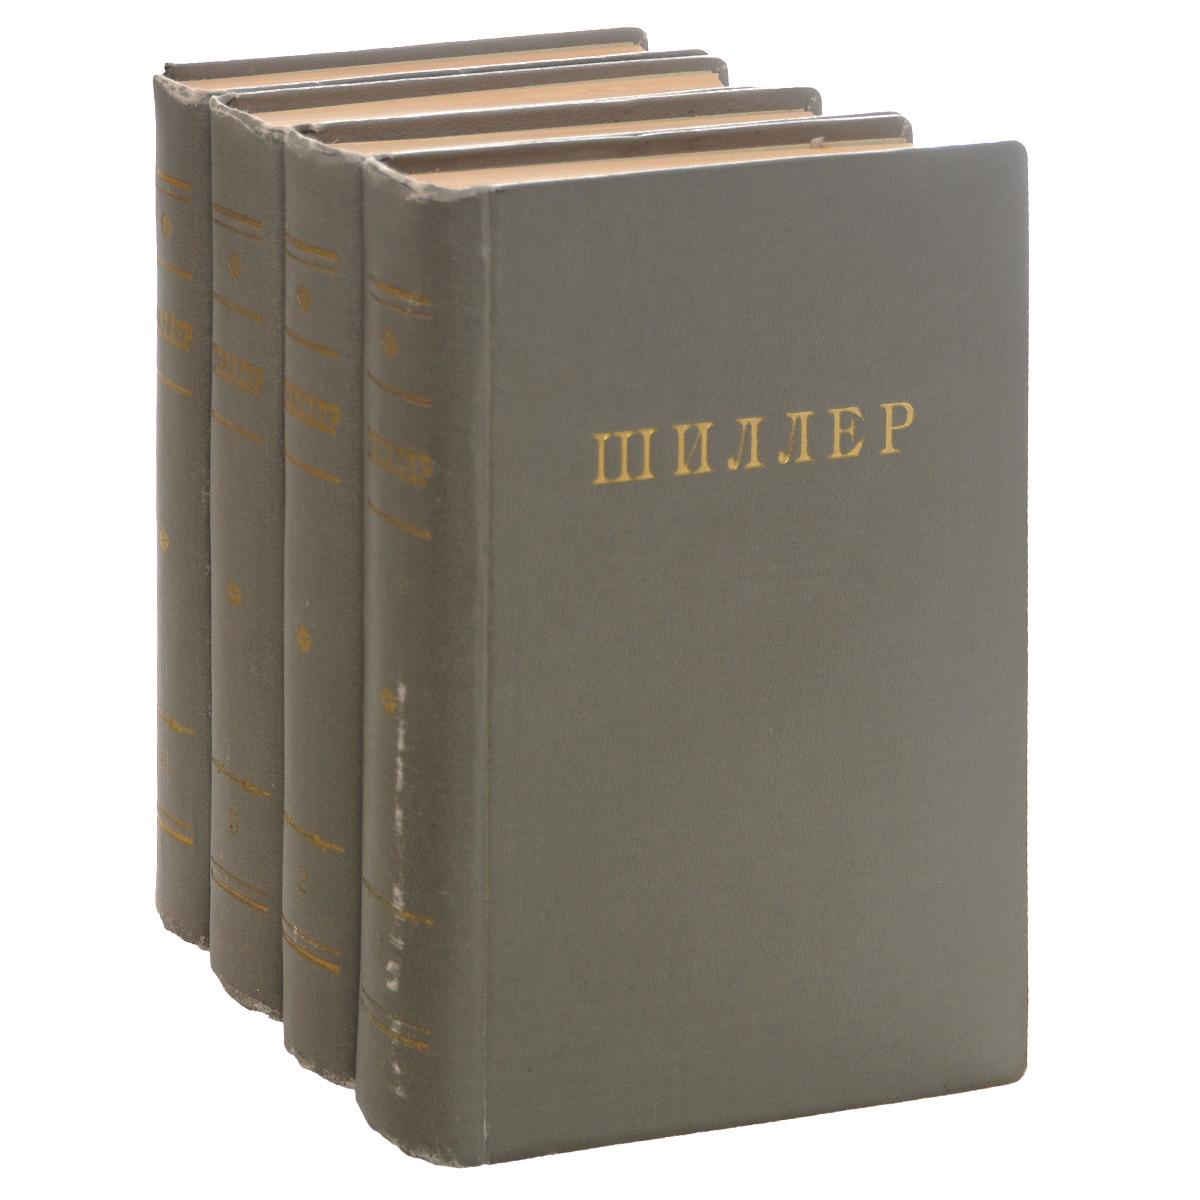 Шиллер. Собрание сочинений в 4 томах (комплект из 4 книг)